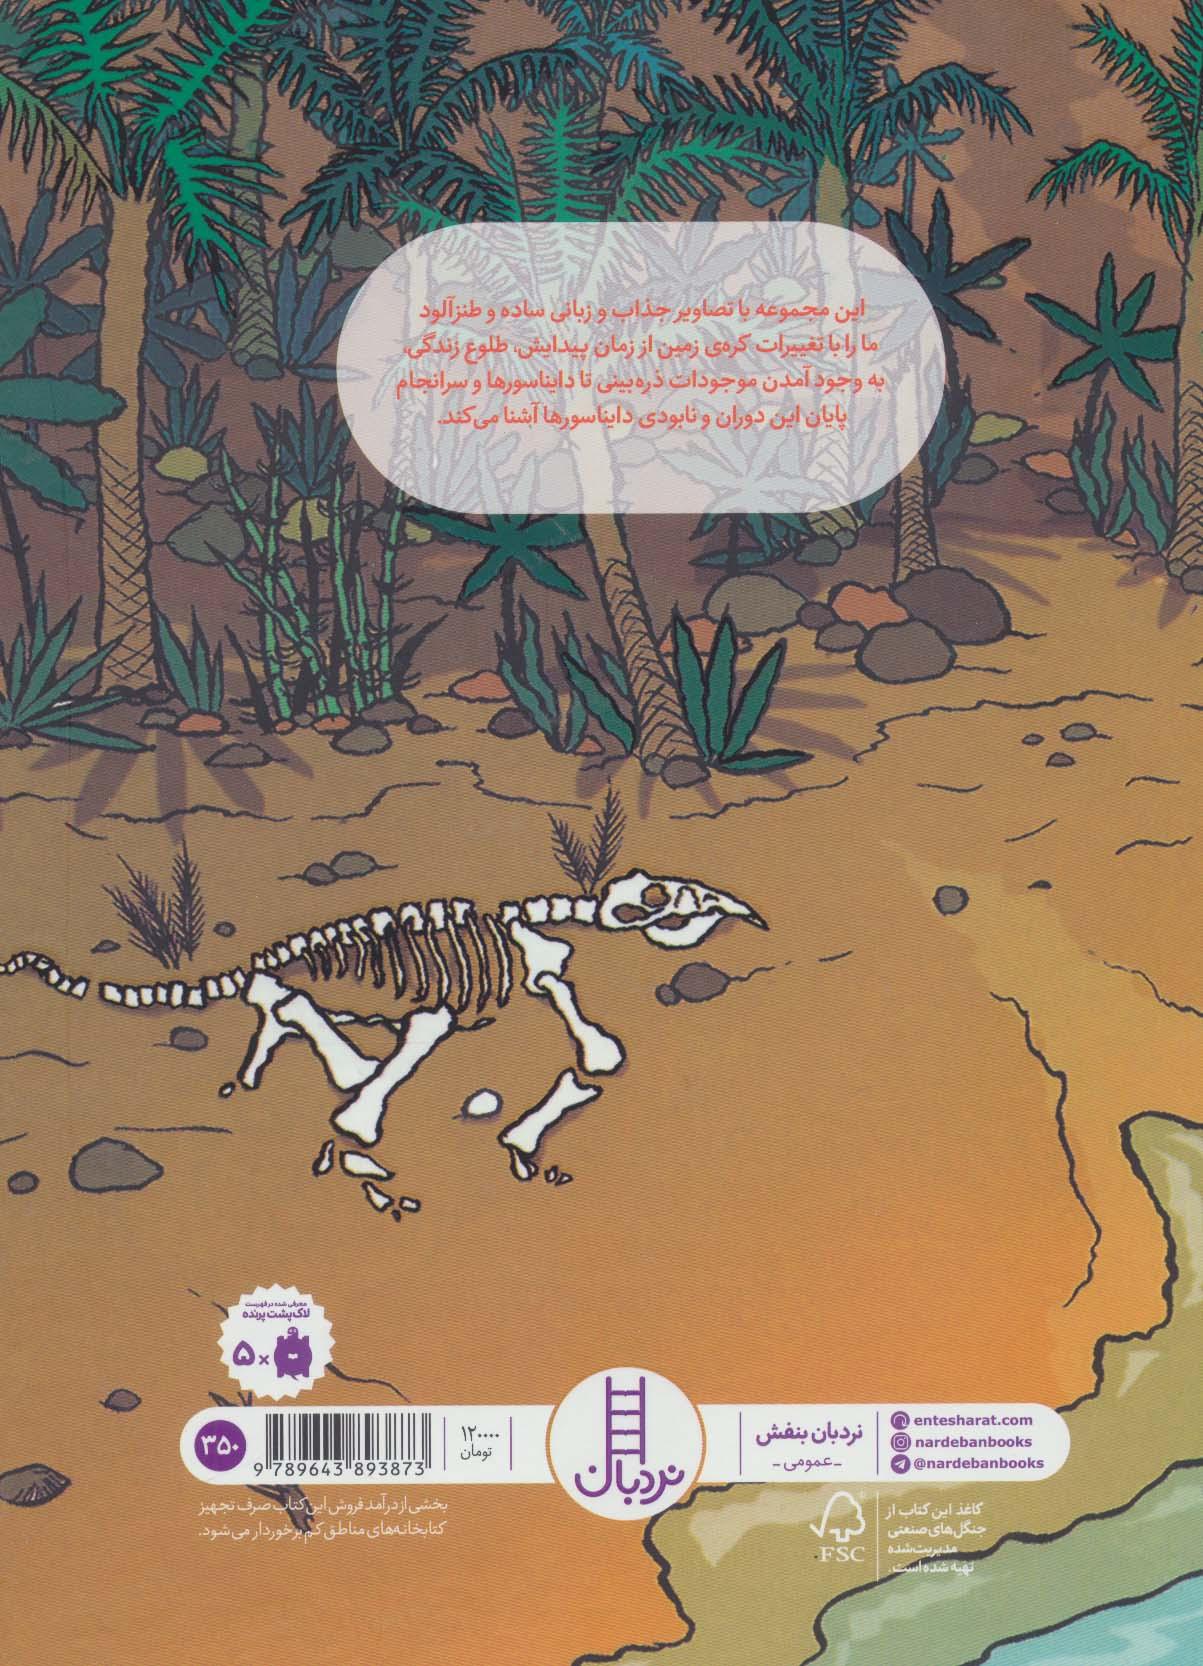 تاریخ کارتونی کره ی زمین (از آغاز تا عصر حجر)،(گلاسه)